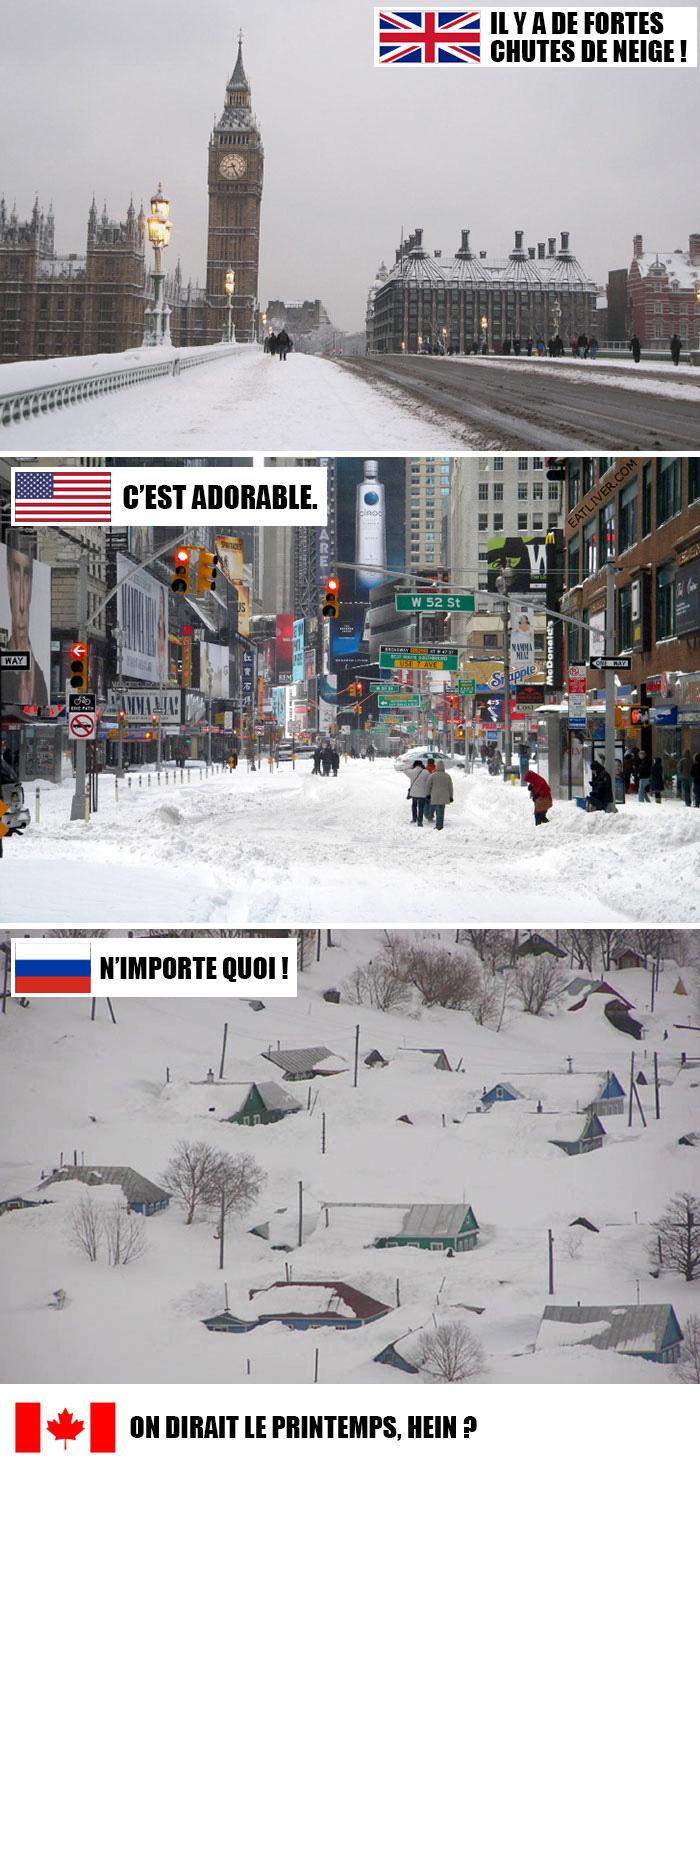 Les internautes sont morts de rire après avoir vu les Britanniques paniquer à cause de quelques flocons de neige